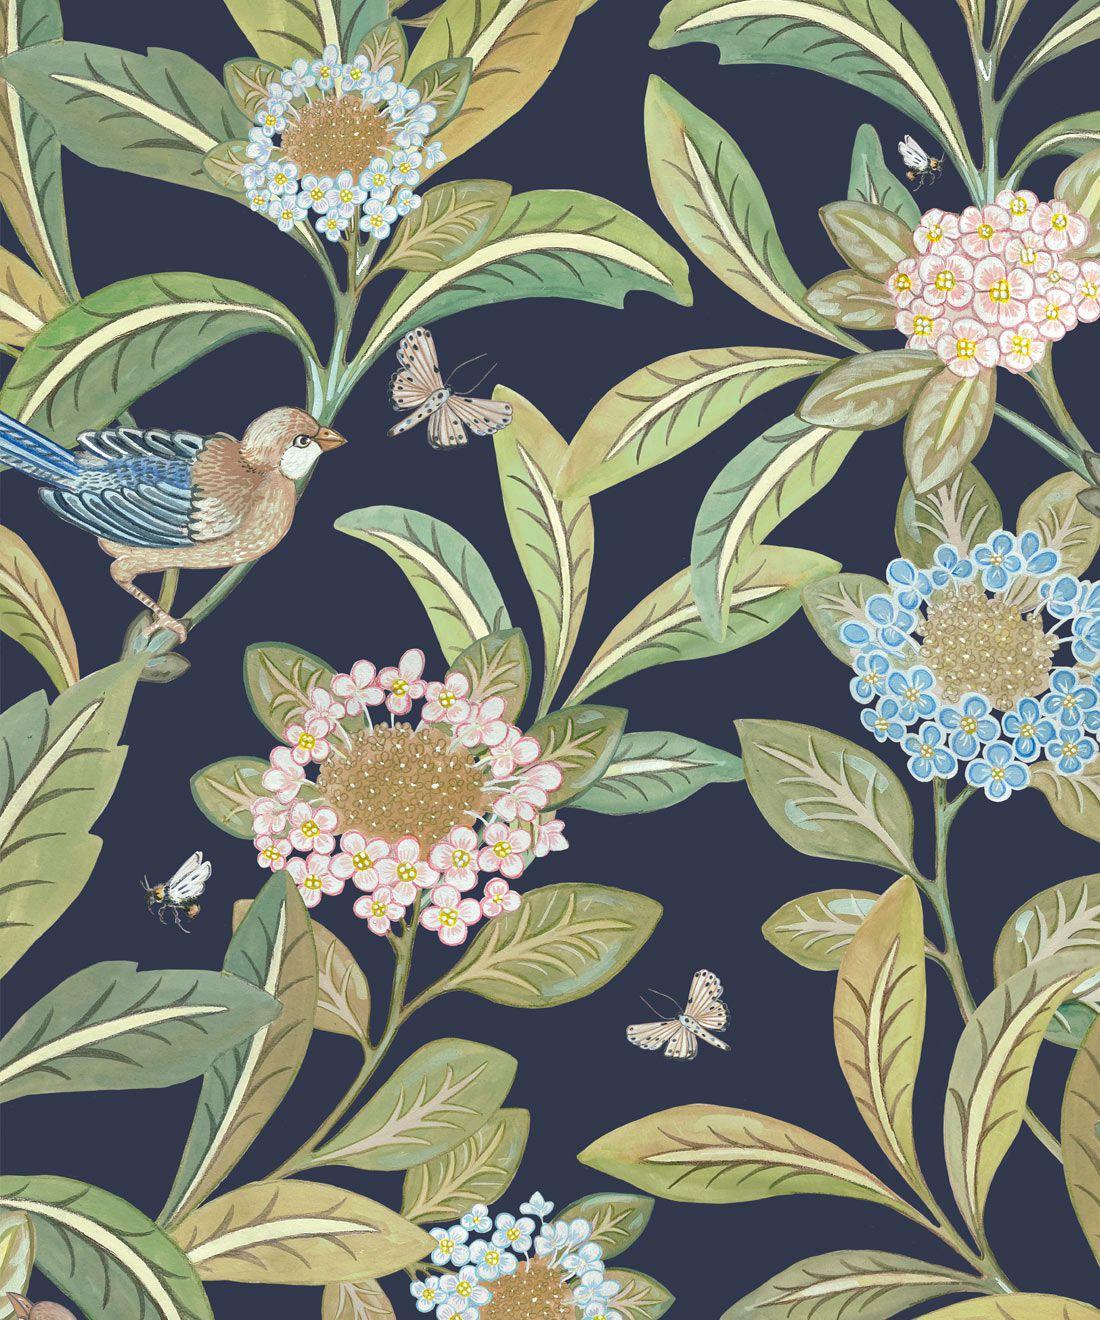 Summer Garden Wallpaper • Navy Wallpaper • Floral Wallpaper Swatch